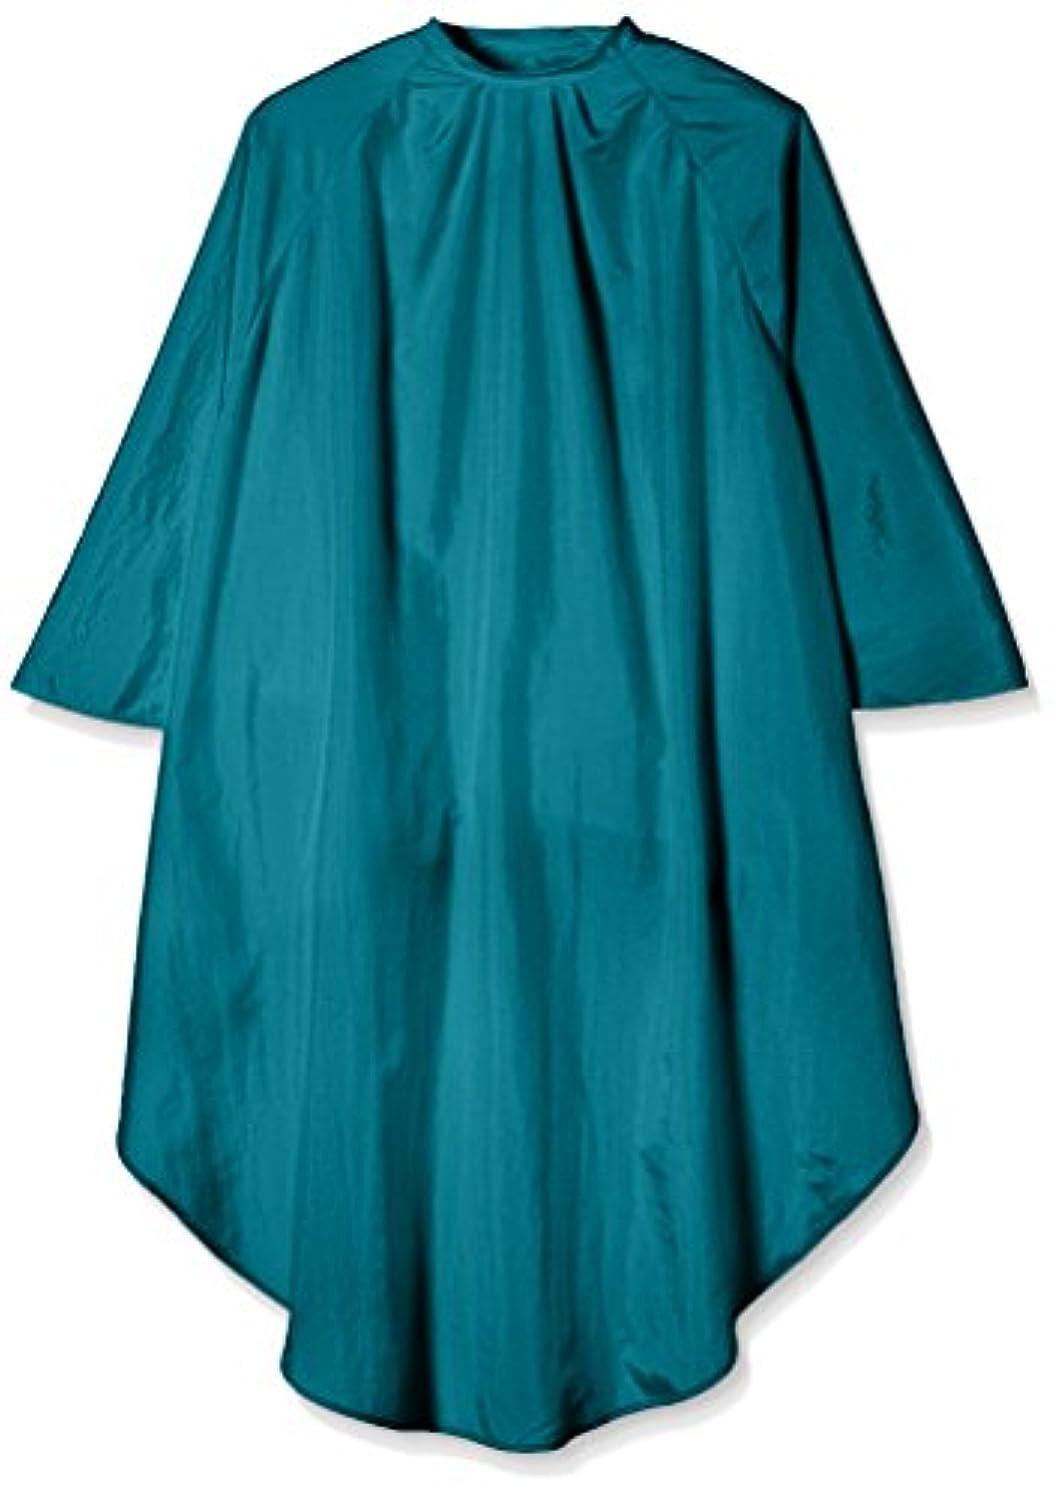 ドロップダーベビルのテスリフレッシュTBG 袖付きカットクロスATD グリーン